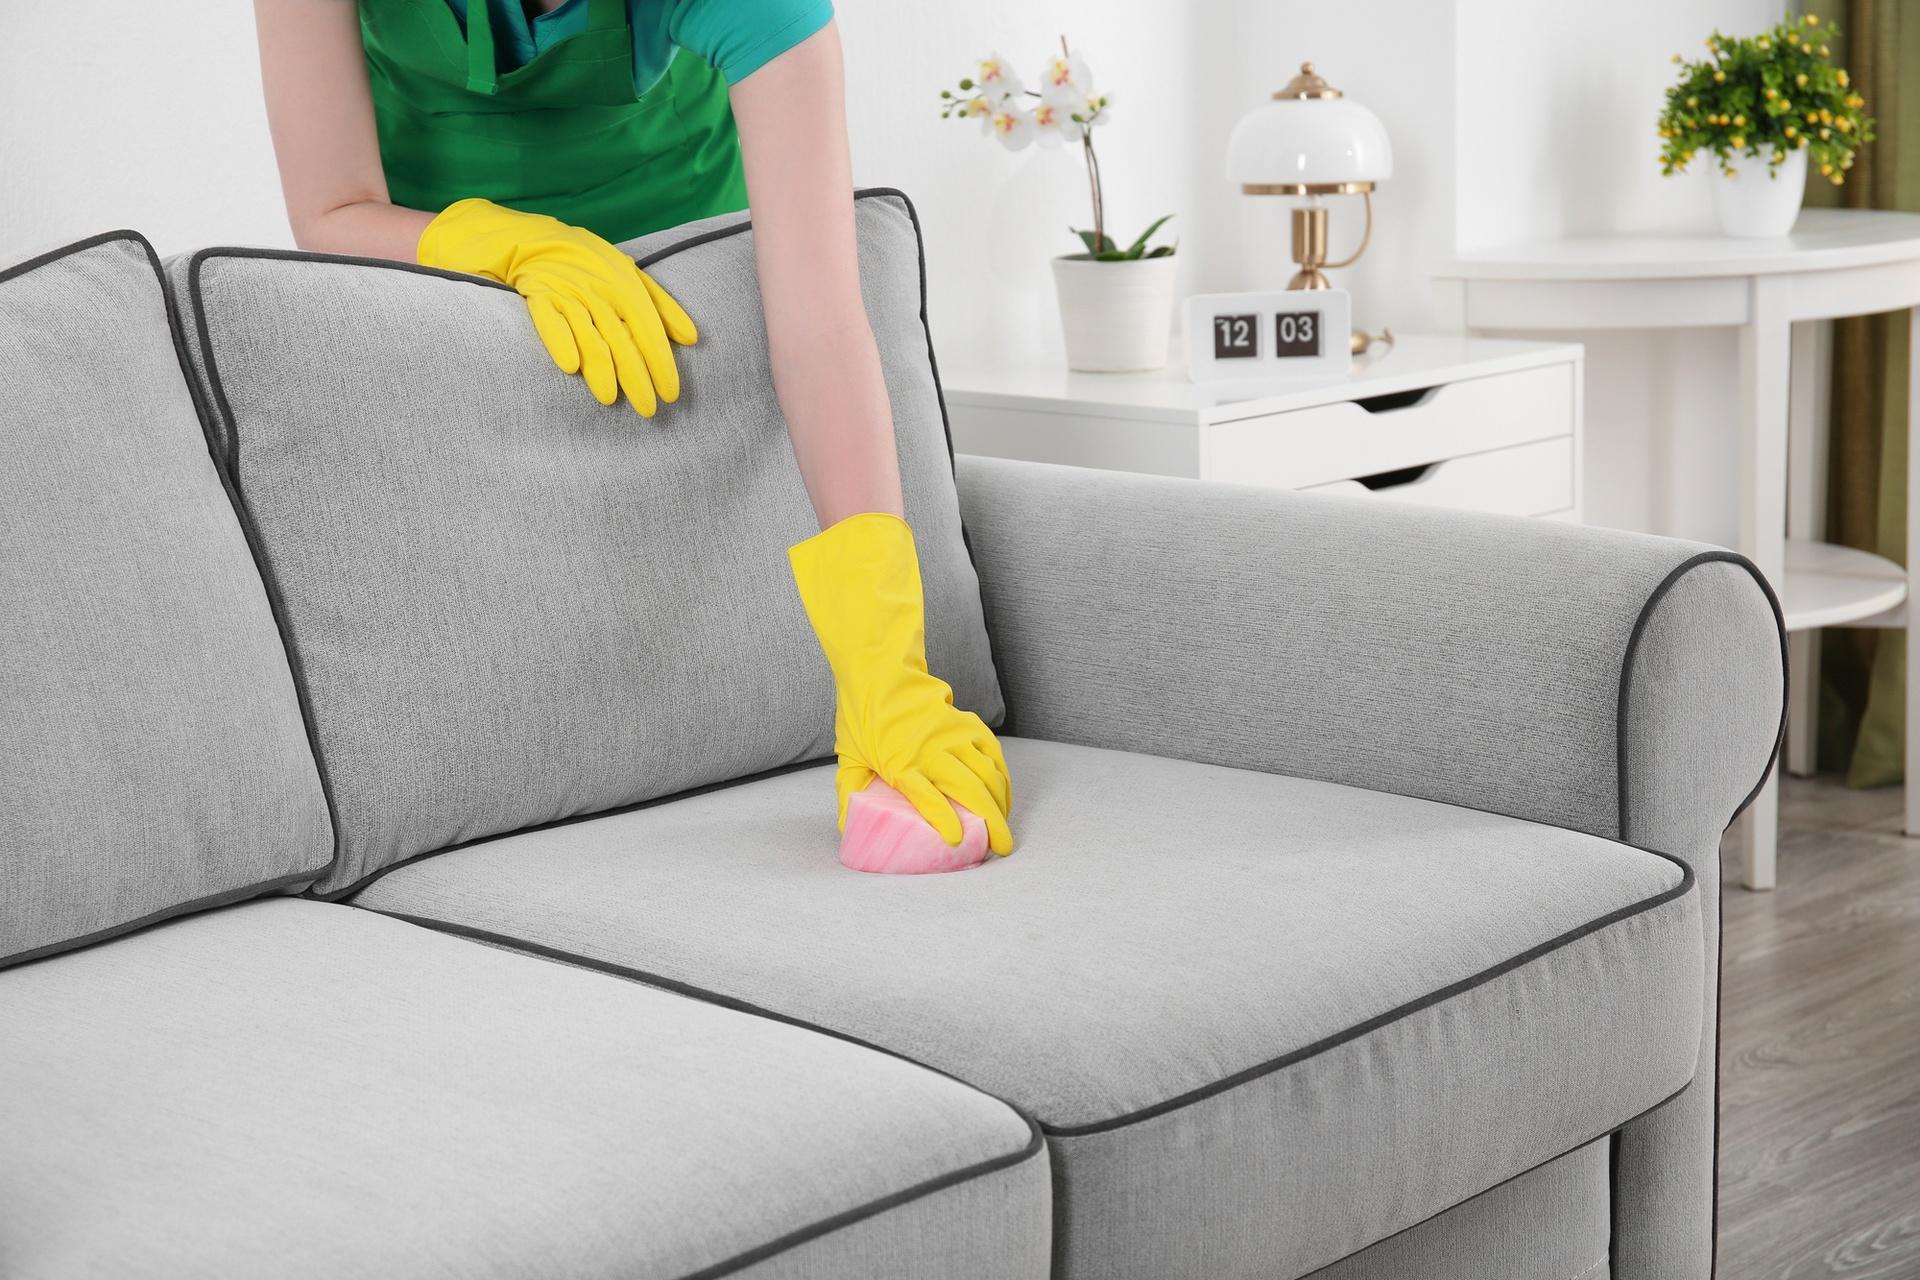 Домашняя химчистки мягкой мебели